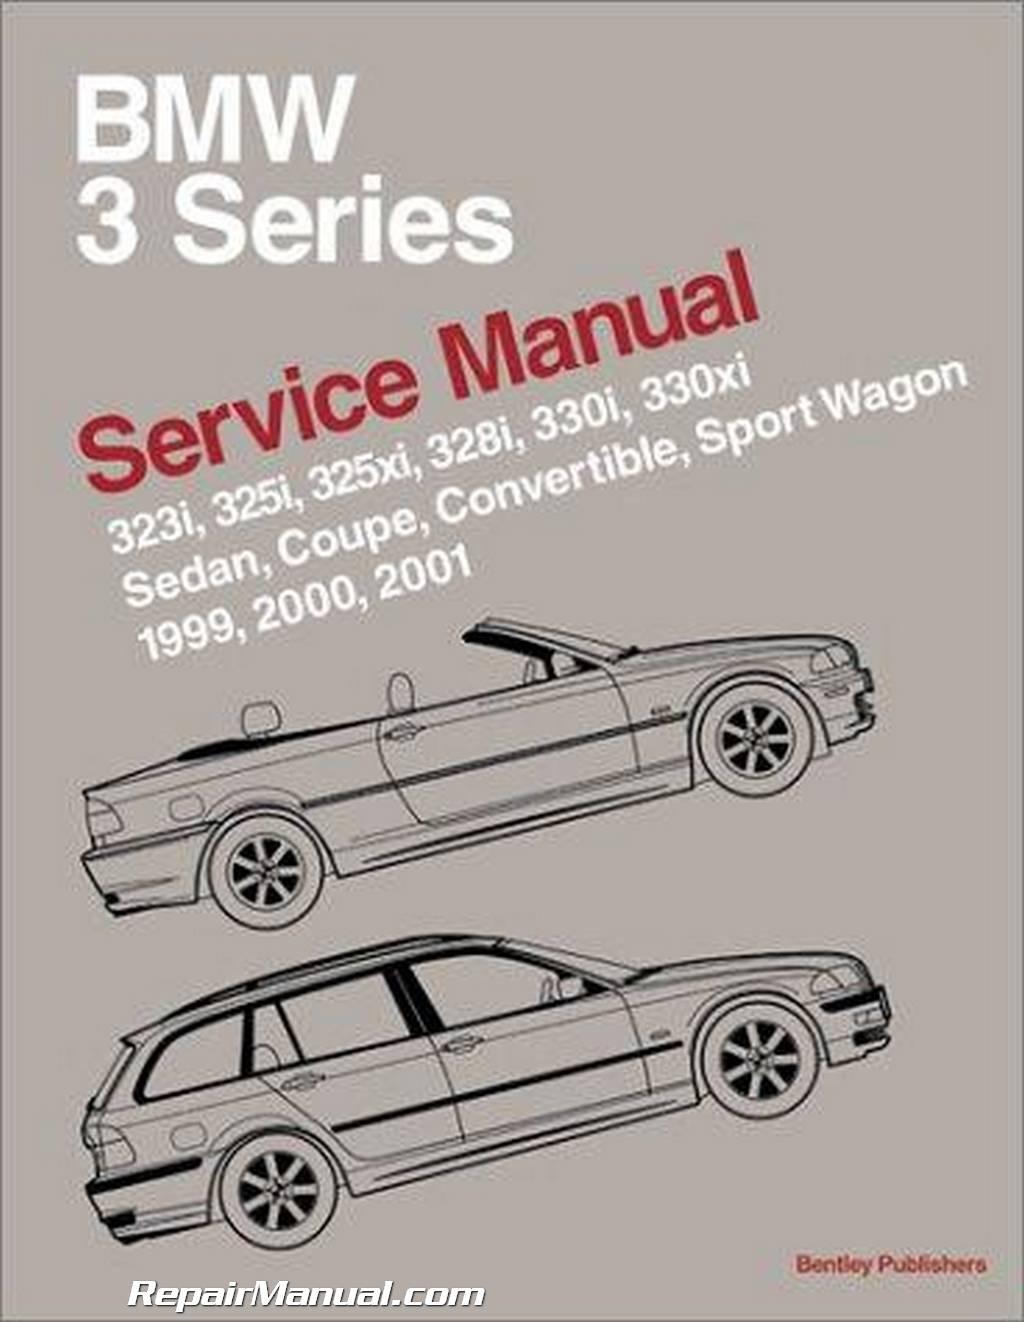 2001 bmw 325i service and repair manual